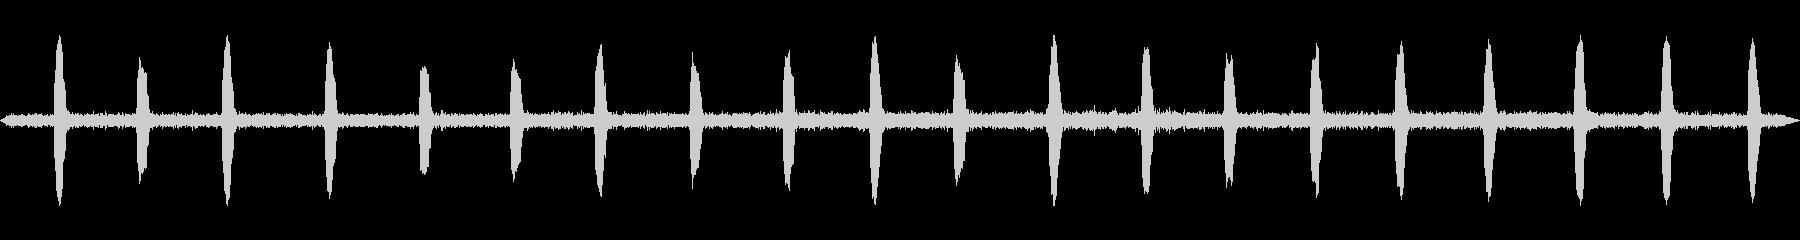 長い耳のフクロウ、ASIO OYU...の未再生の波形